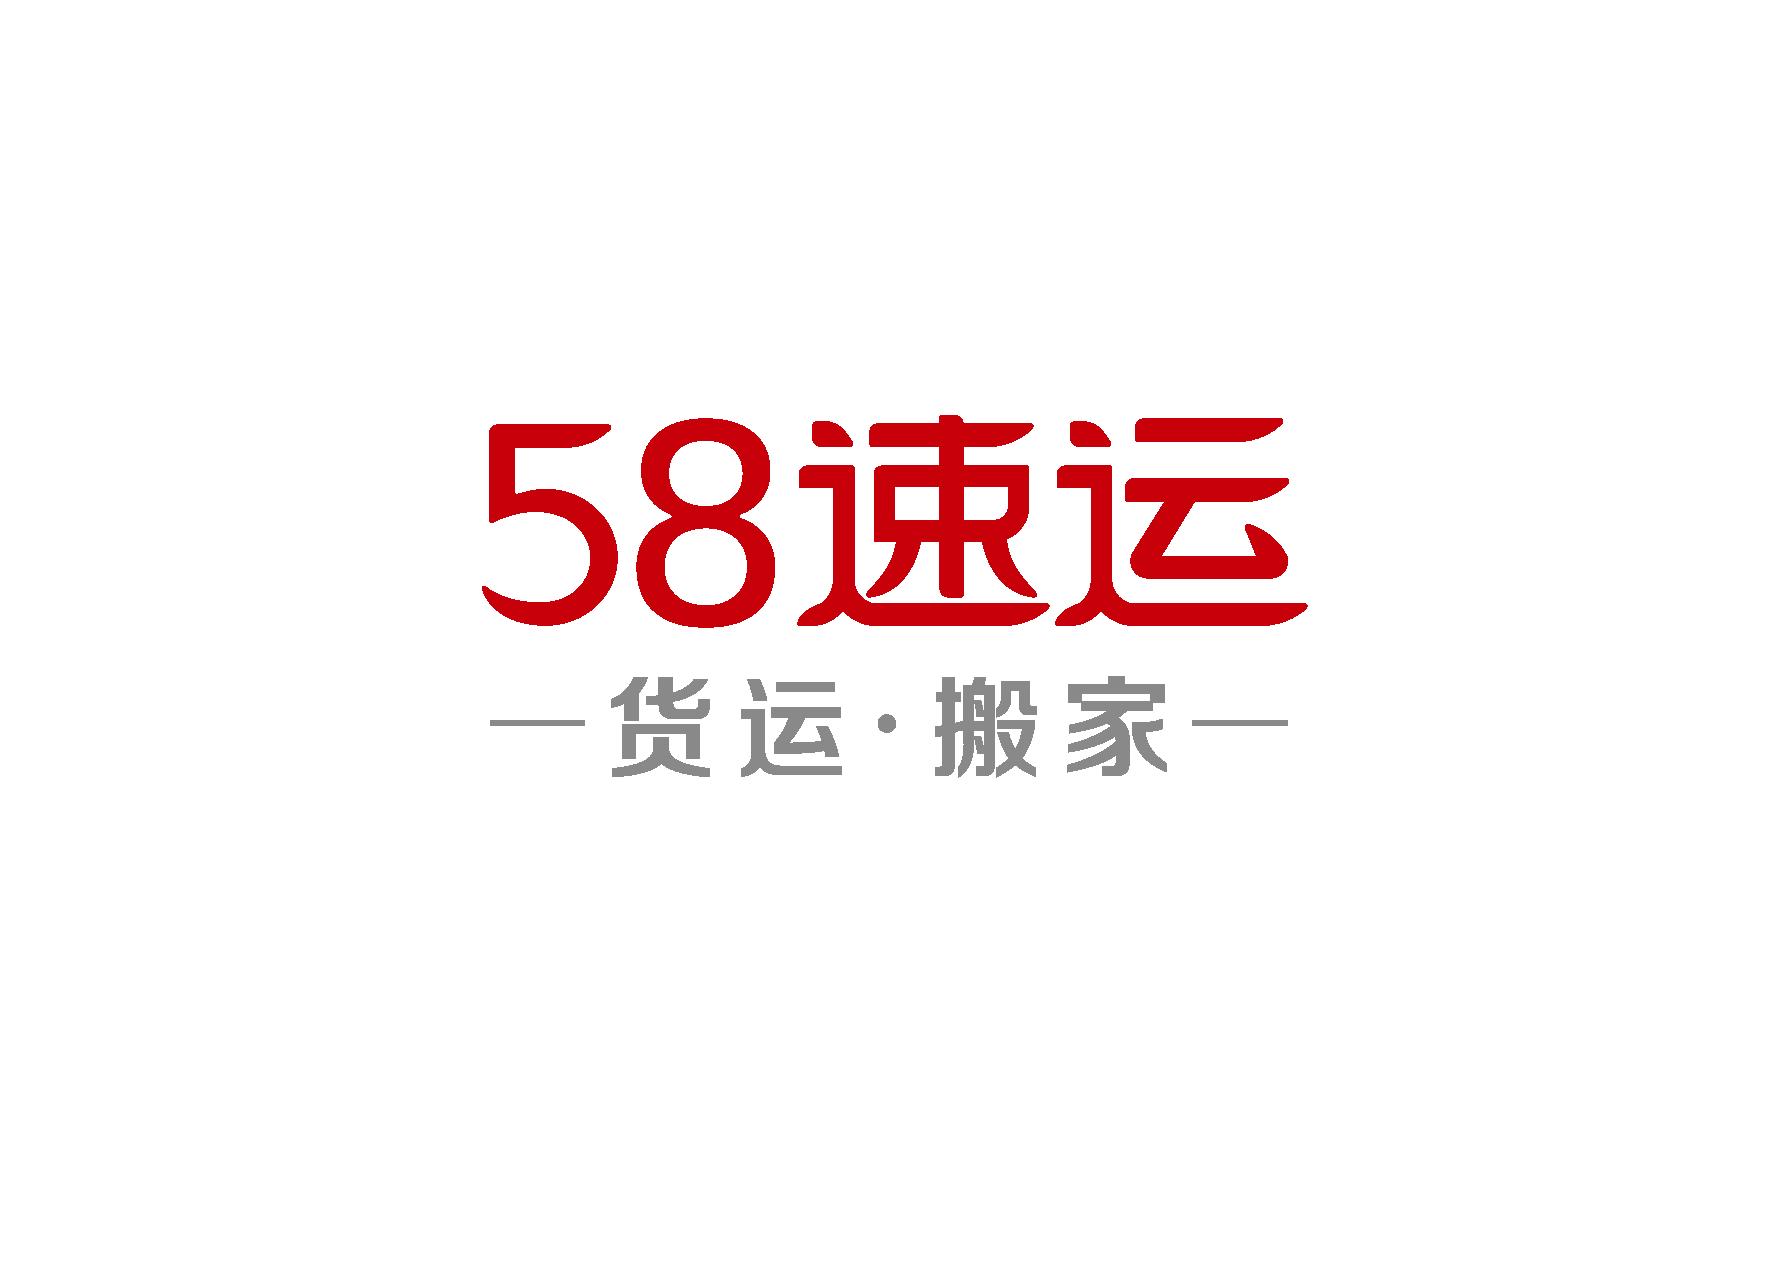 科技早闻:58速运改名司机恼怒;美团9月20日上市